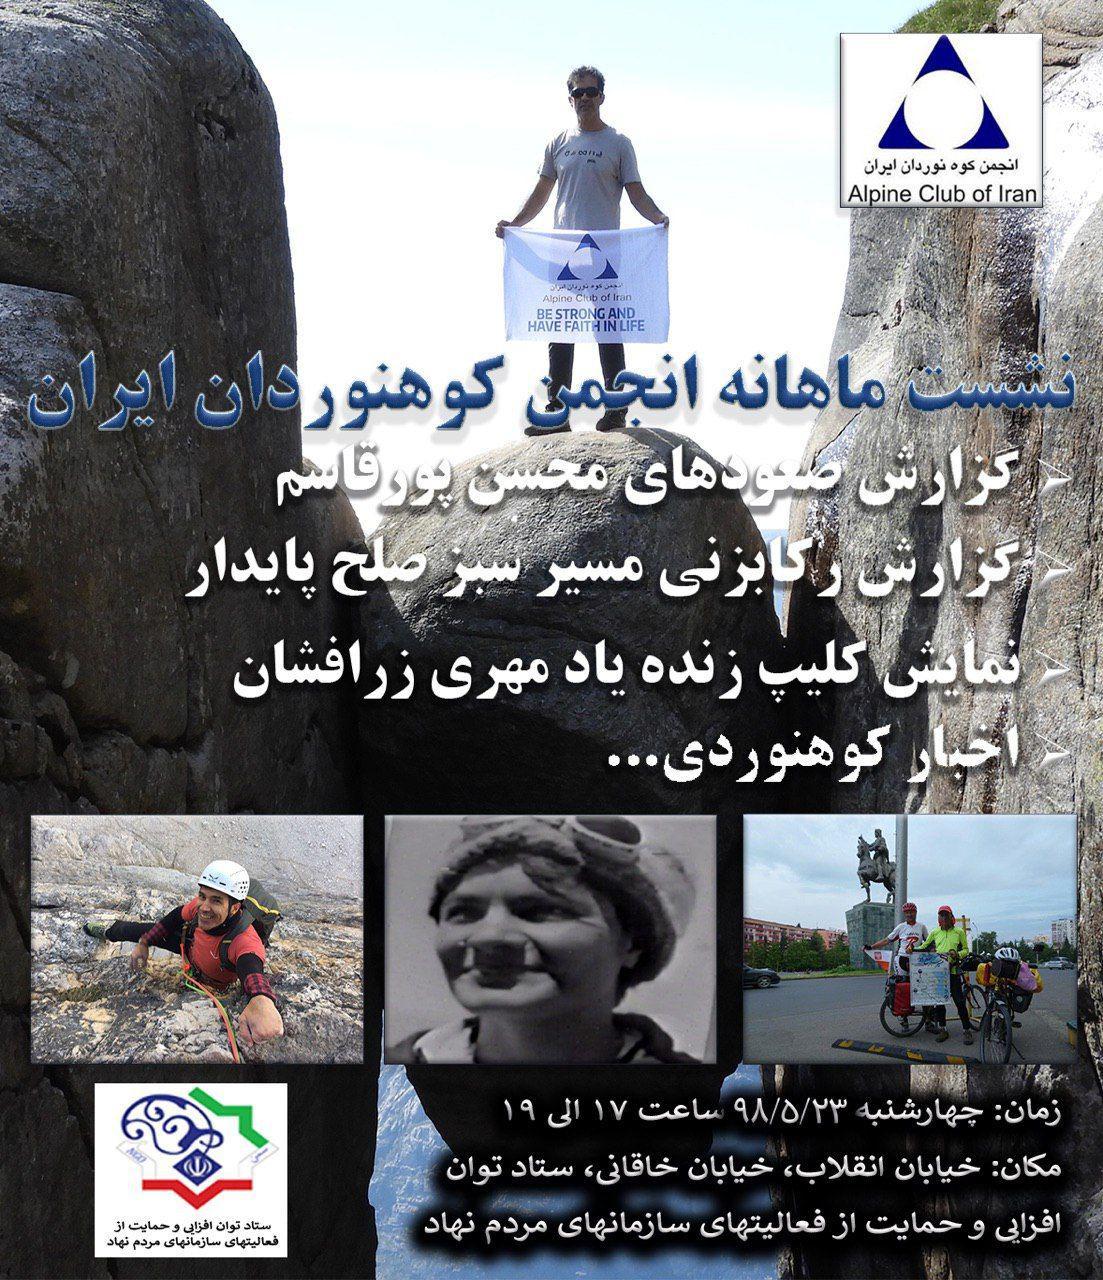 نشست ماهانه انجمن کوهنوردان ایران۲۳ مرداد